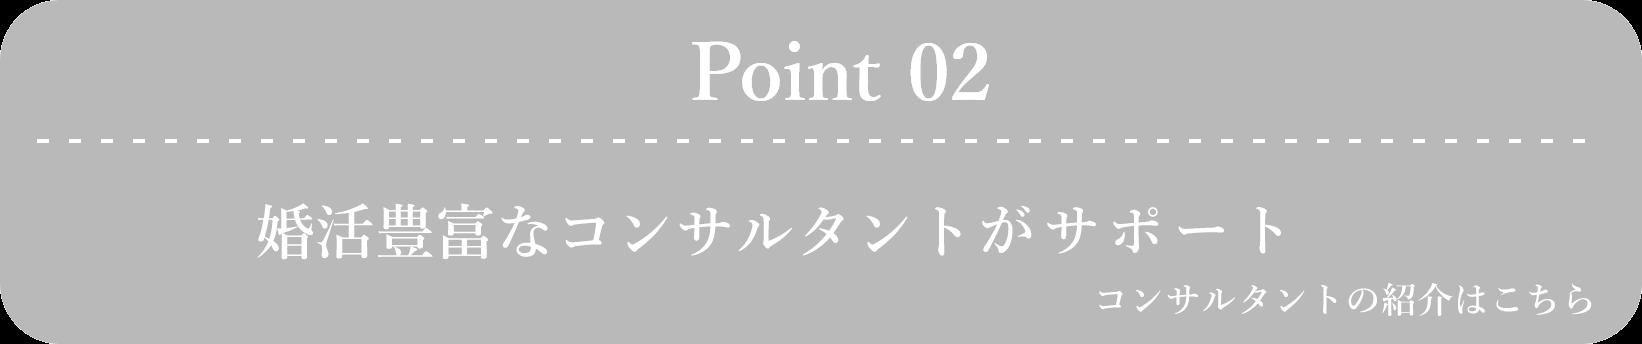 Point 02 婚活経験、仲人経験豊富なコンサルタントがサポート